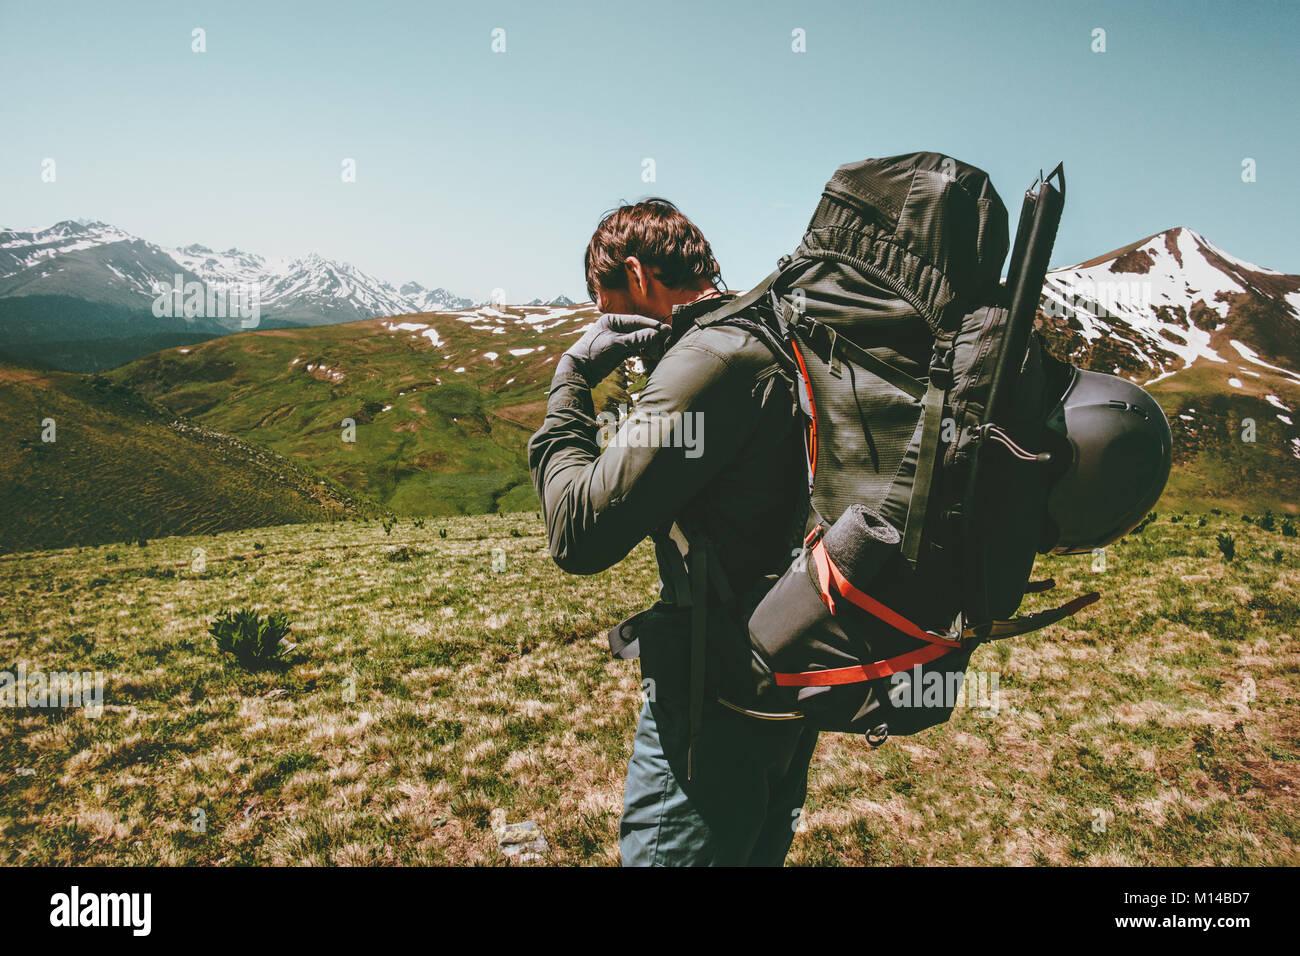 Hombre con gran mochila de viaje montañismo supervivencia concepto de estilo de vida activa al aire libre de Imagen De Stock